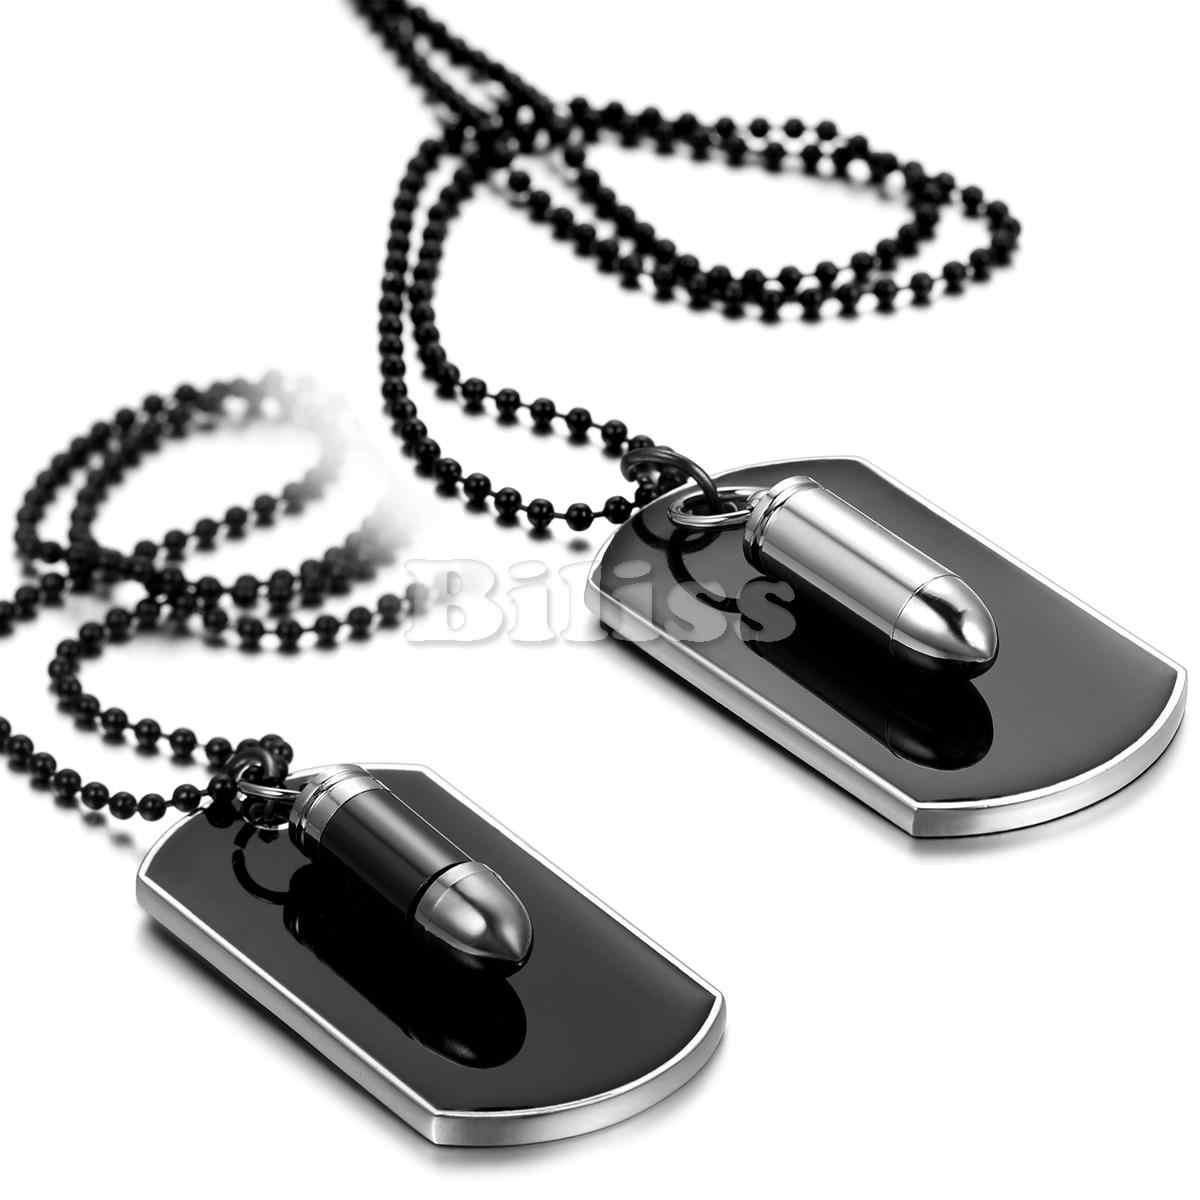 BONISKISS الرجال المجوهرات الجيش نمط رصاصة الكلب علامة قلادة رجل قلادة أسود فضي اللون 27 بوصة سلسلة تصميم فريد نقش